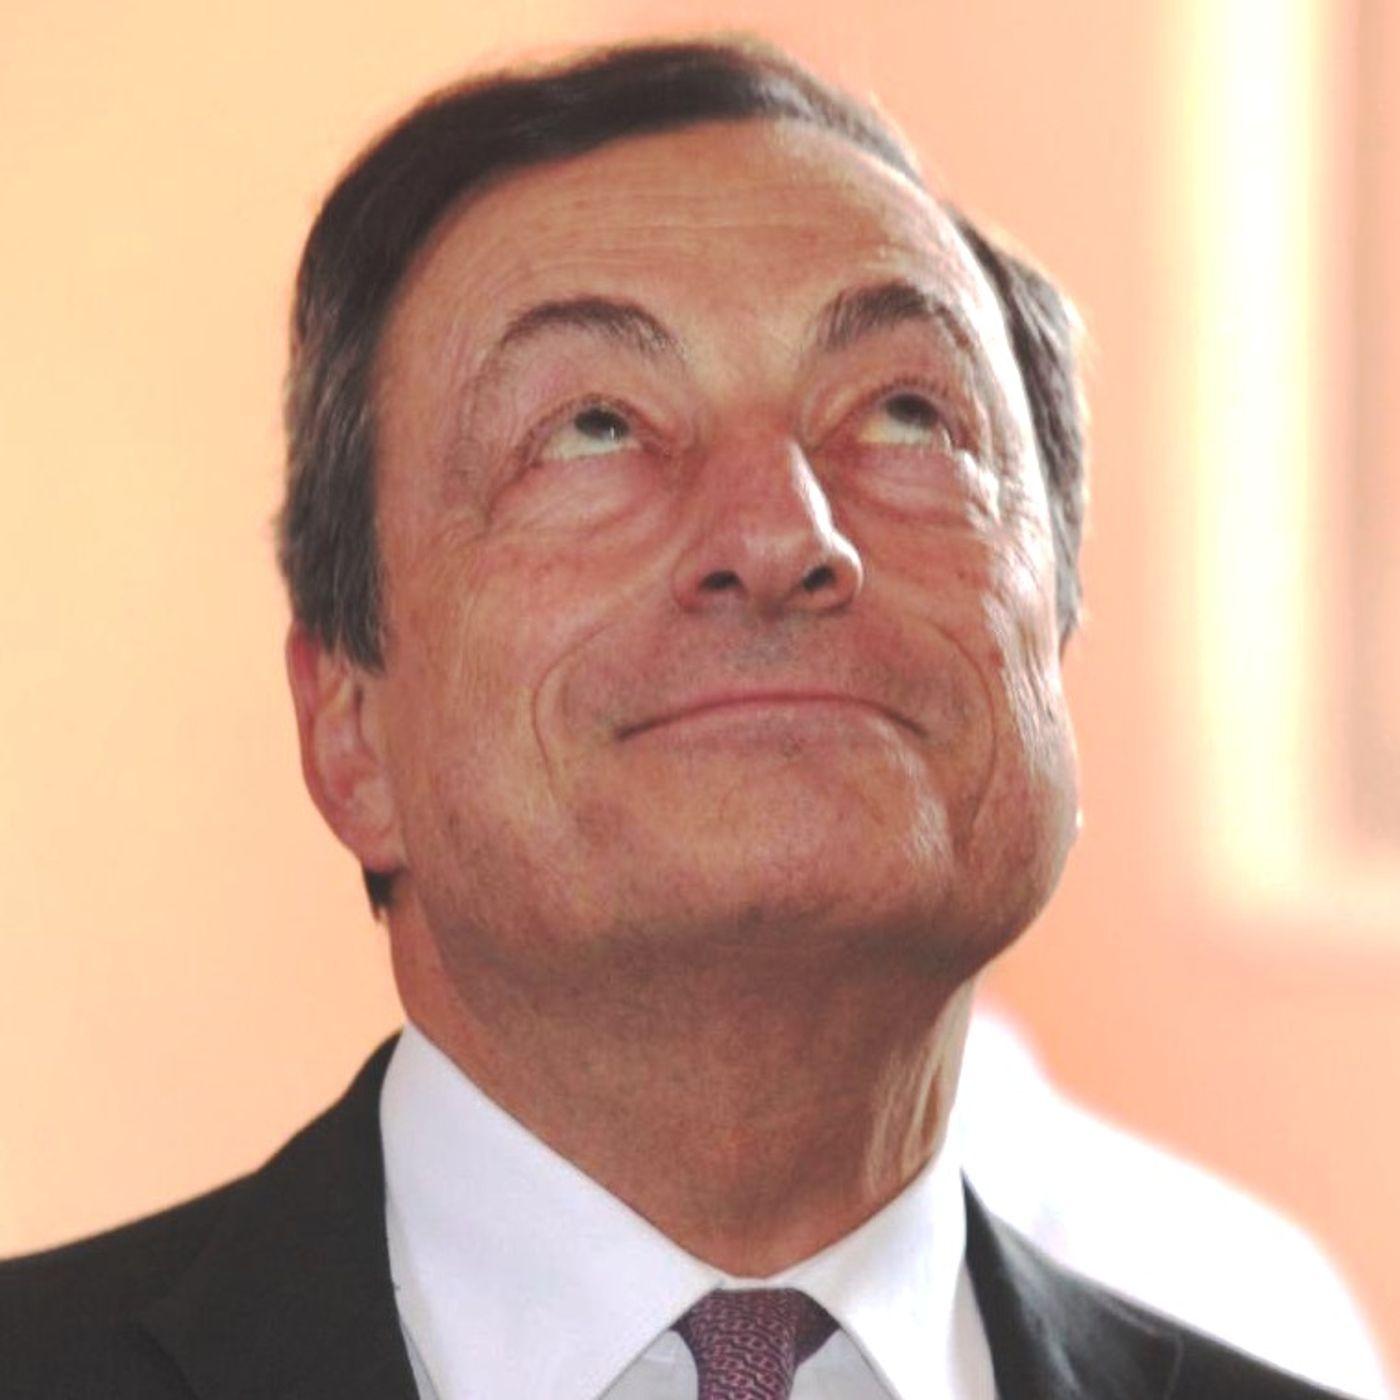 Se Mario Draghi fosse Papa